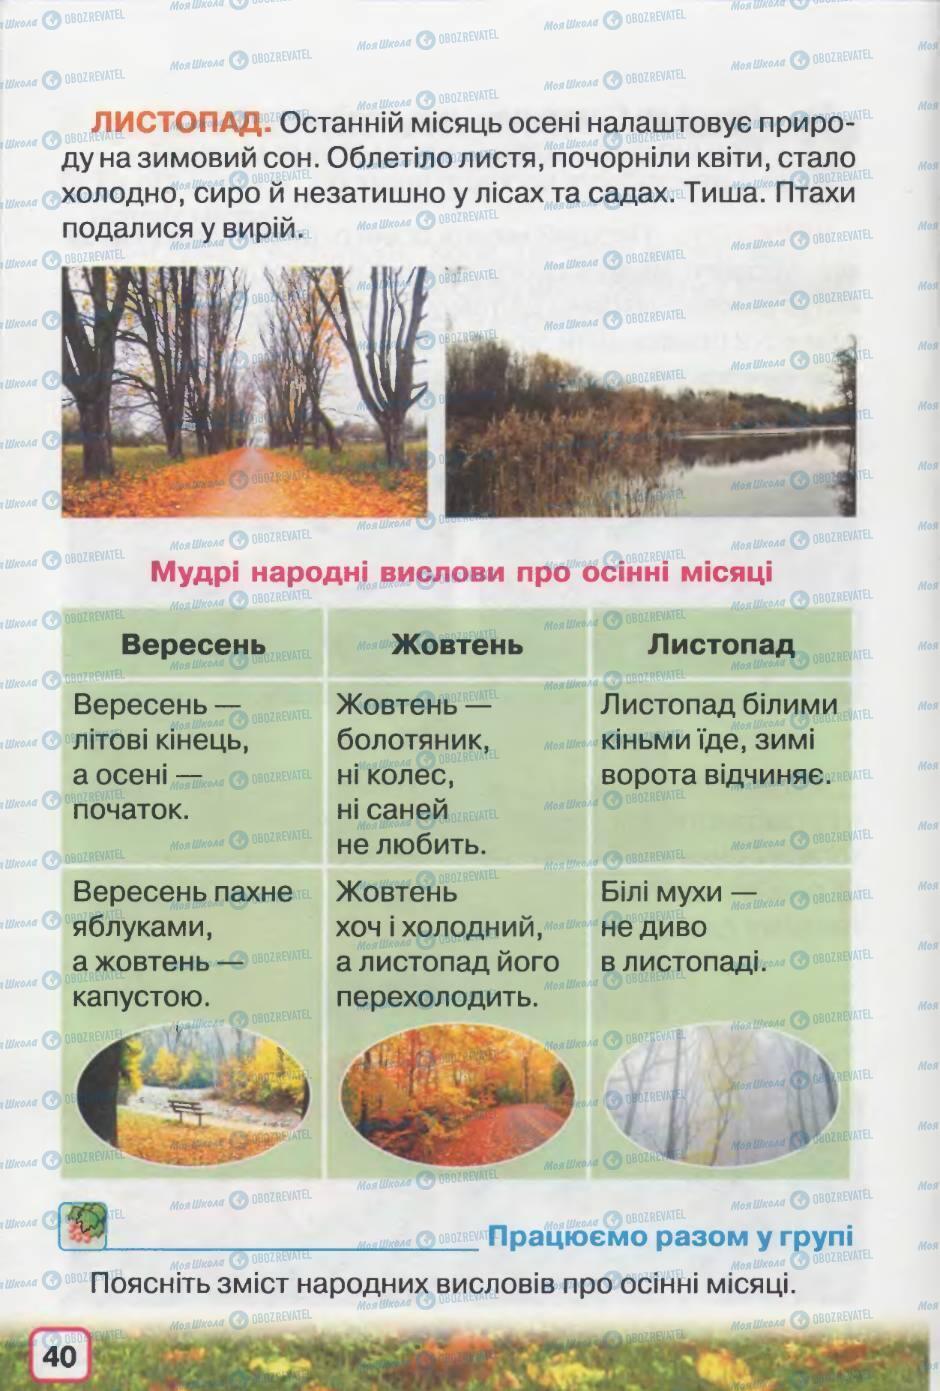 Підручники Природознавство 2 клас сторінка 40